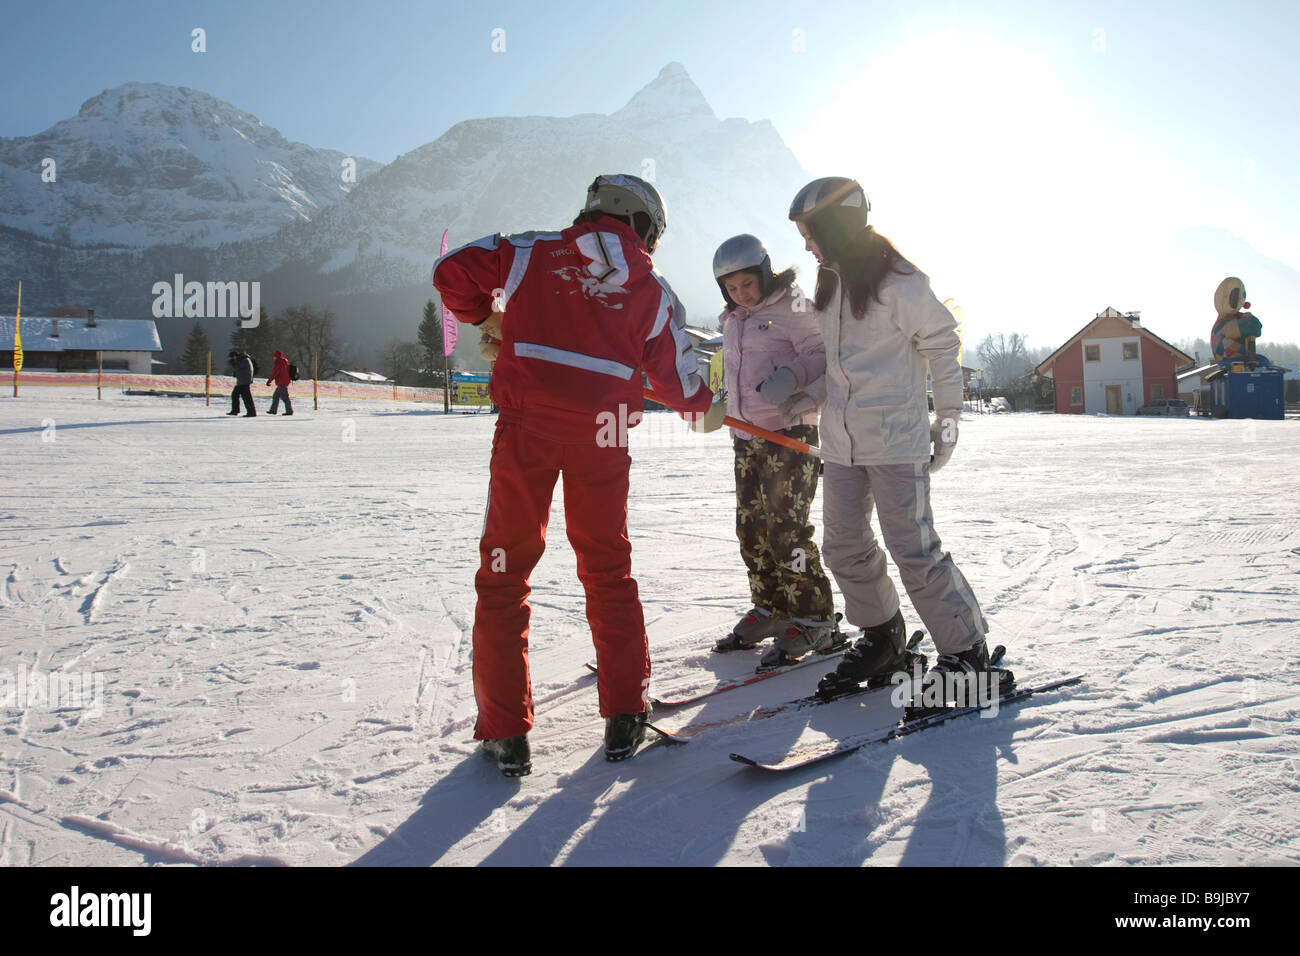 Ski Instructor Stock Photos Amp Ski Instructor Stock Images